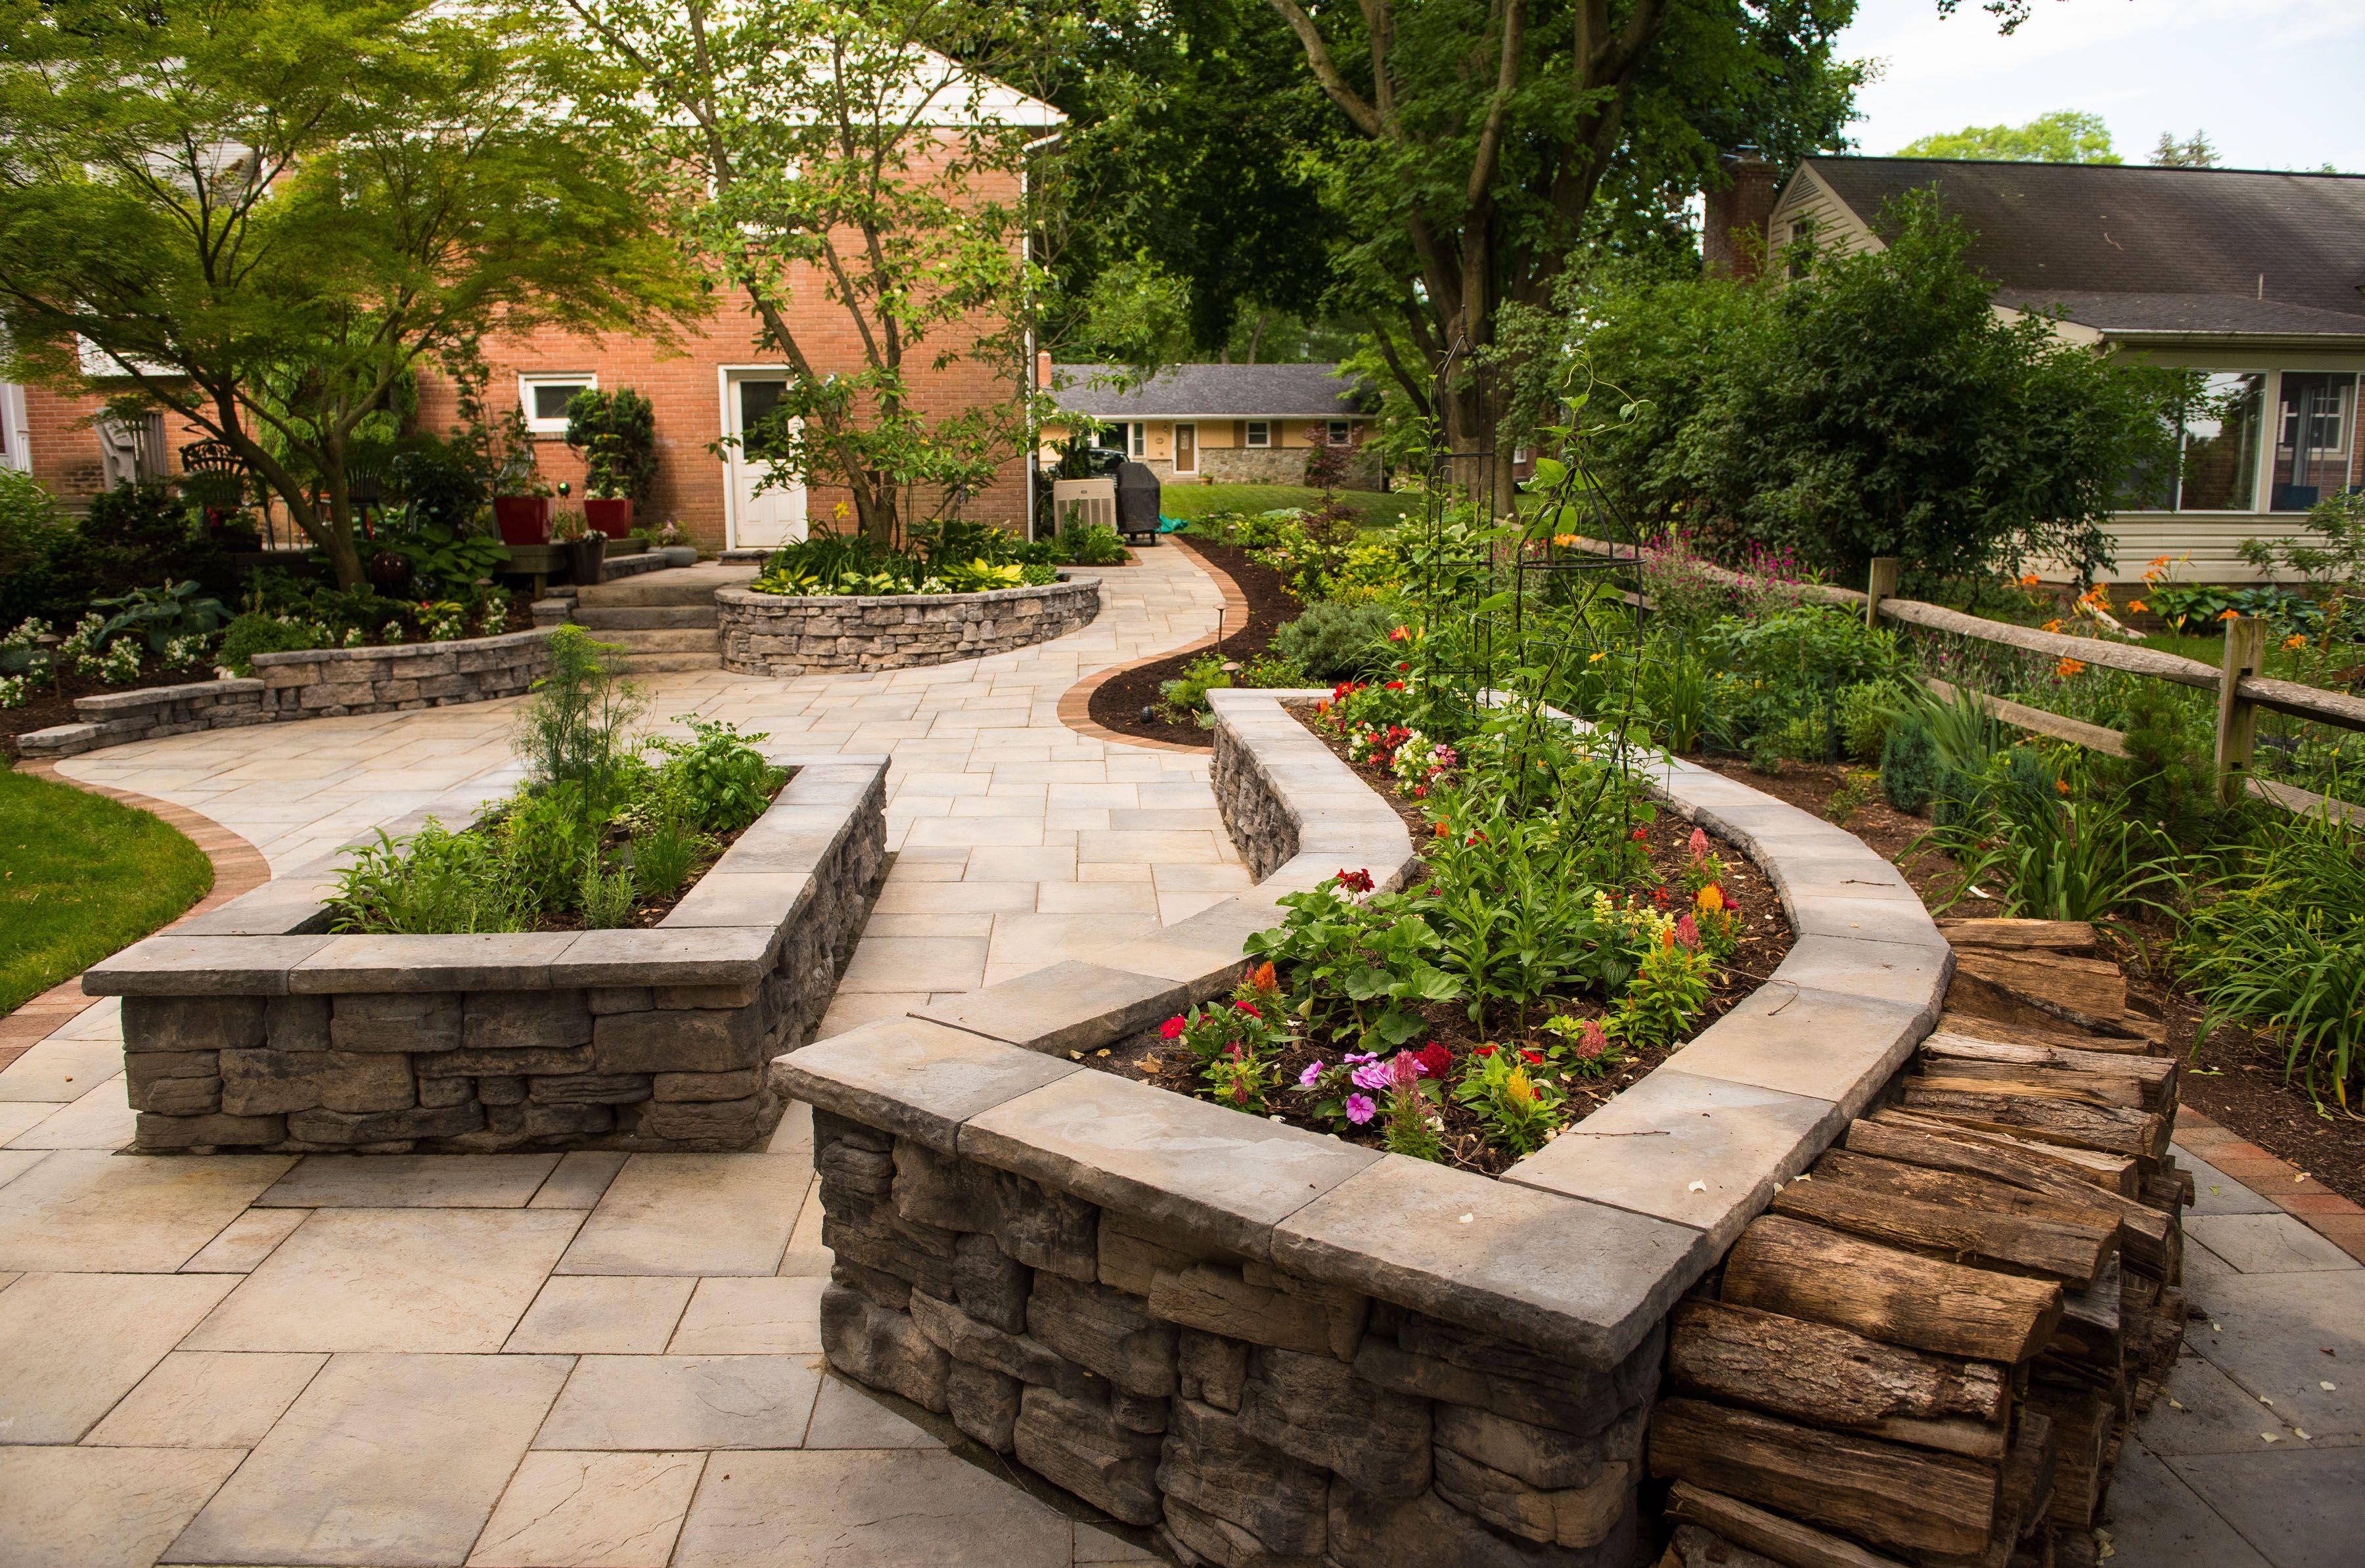 Garden walls by Rosetta